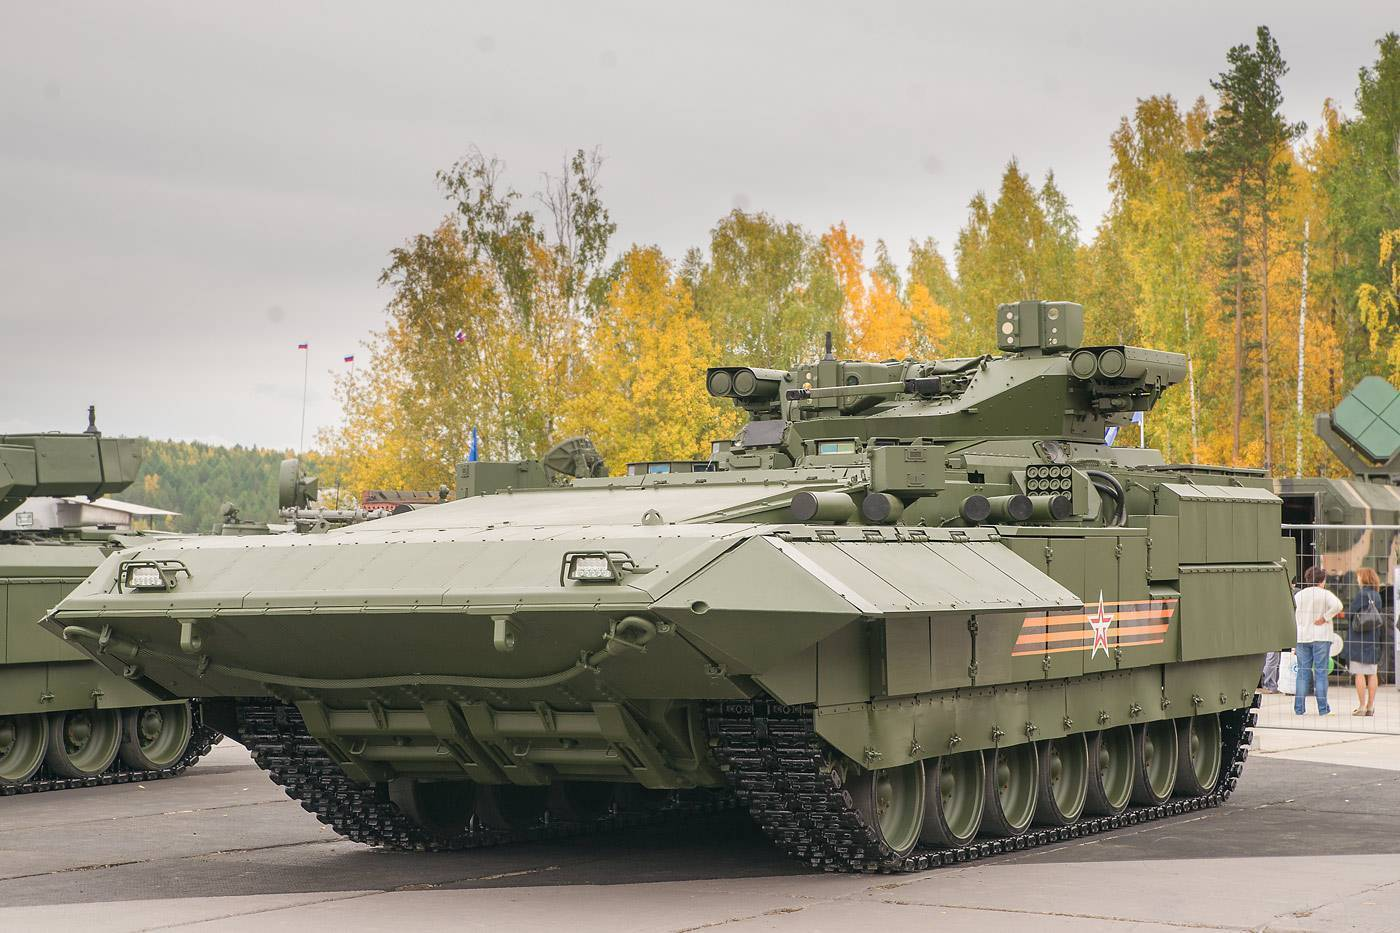 Бмп т-15 армата двигатель. вес. размеры. вооружение